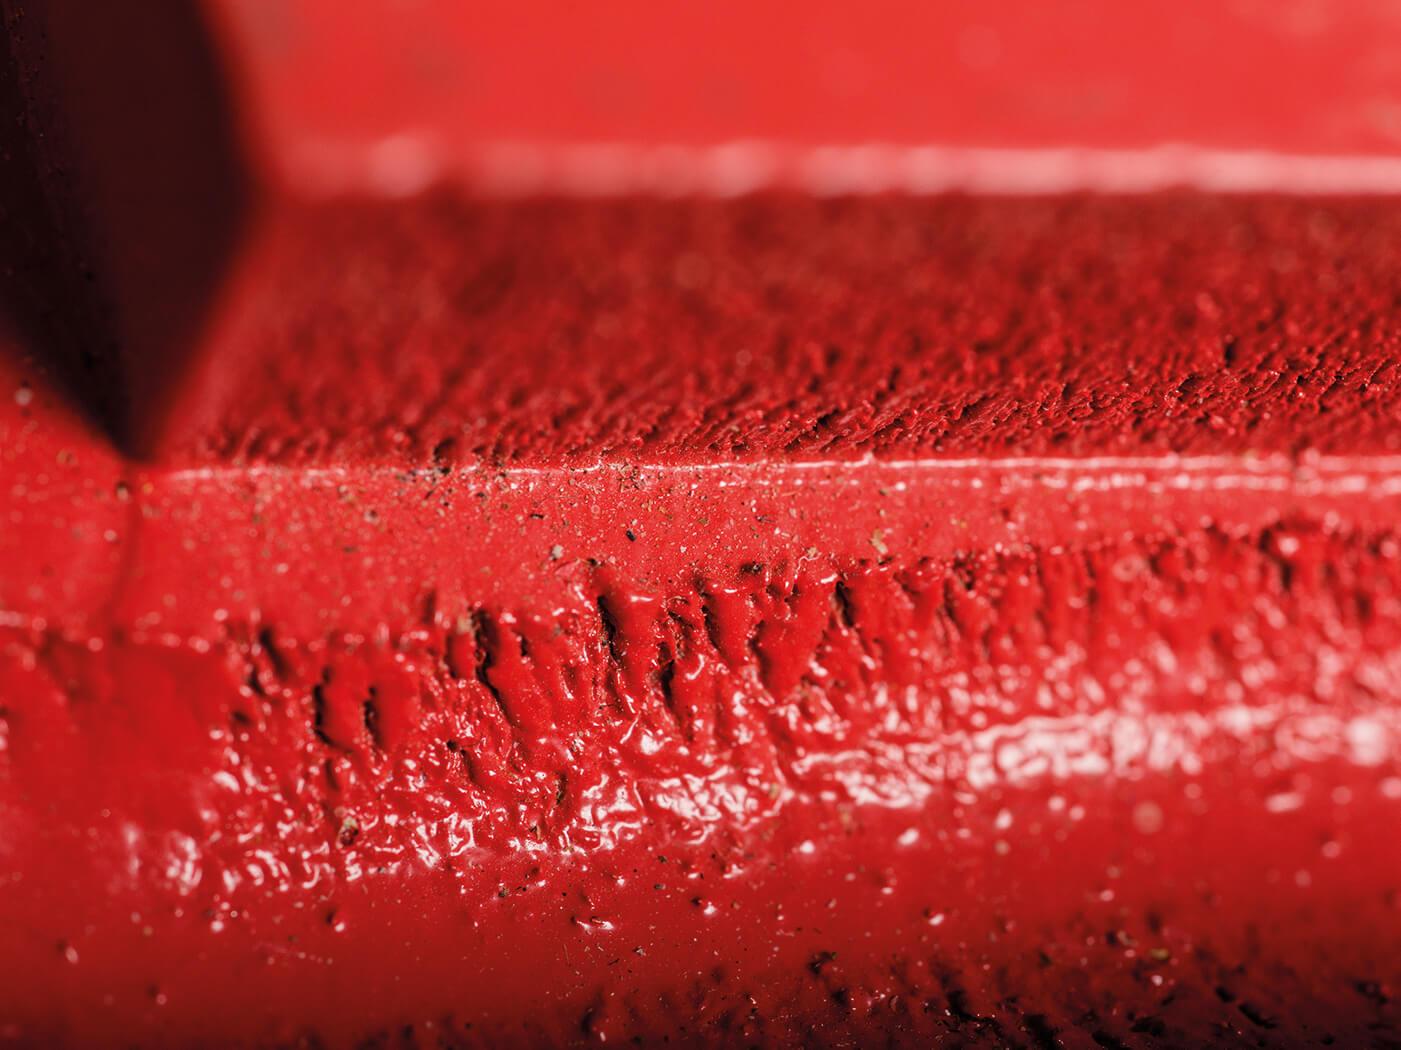 Fender Pre-CBS Fiesta Red Strat red-stained alder